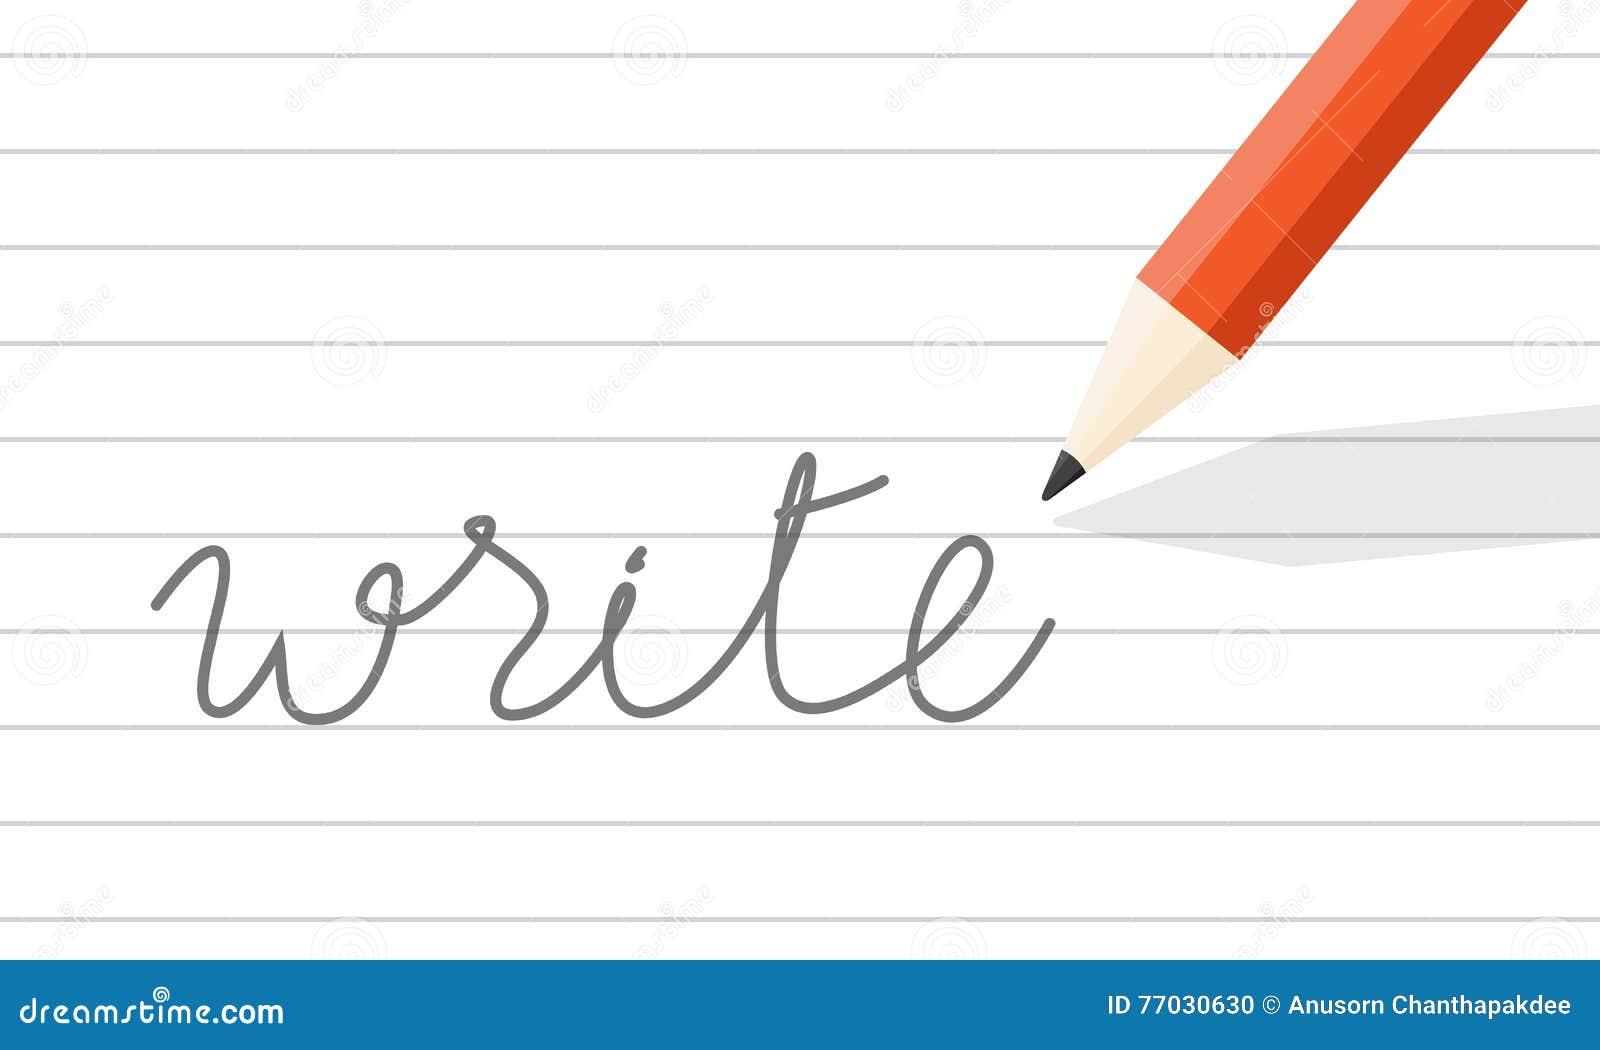 Bleistift Schreiben Auf Linie Papier Vektor Abbildung - Illustration ...